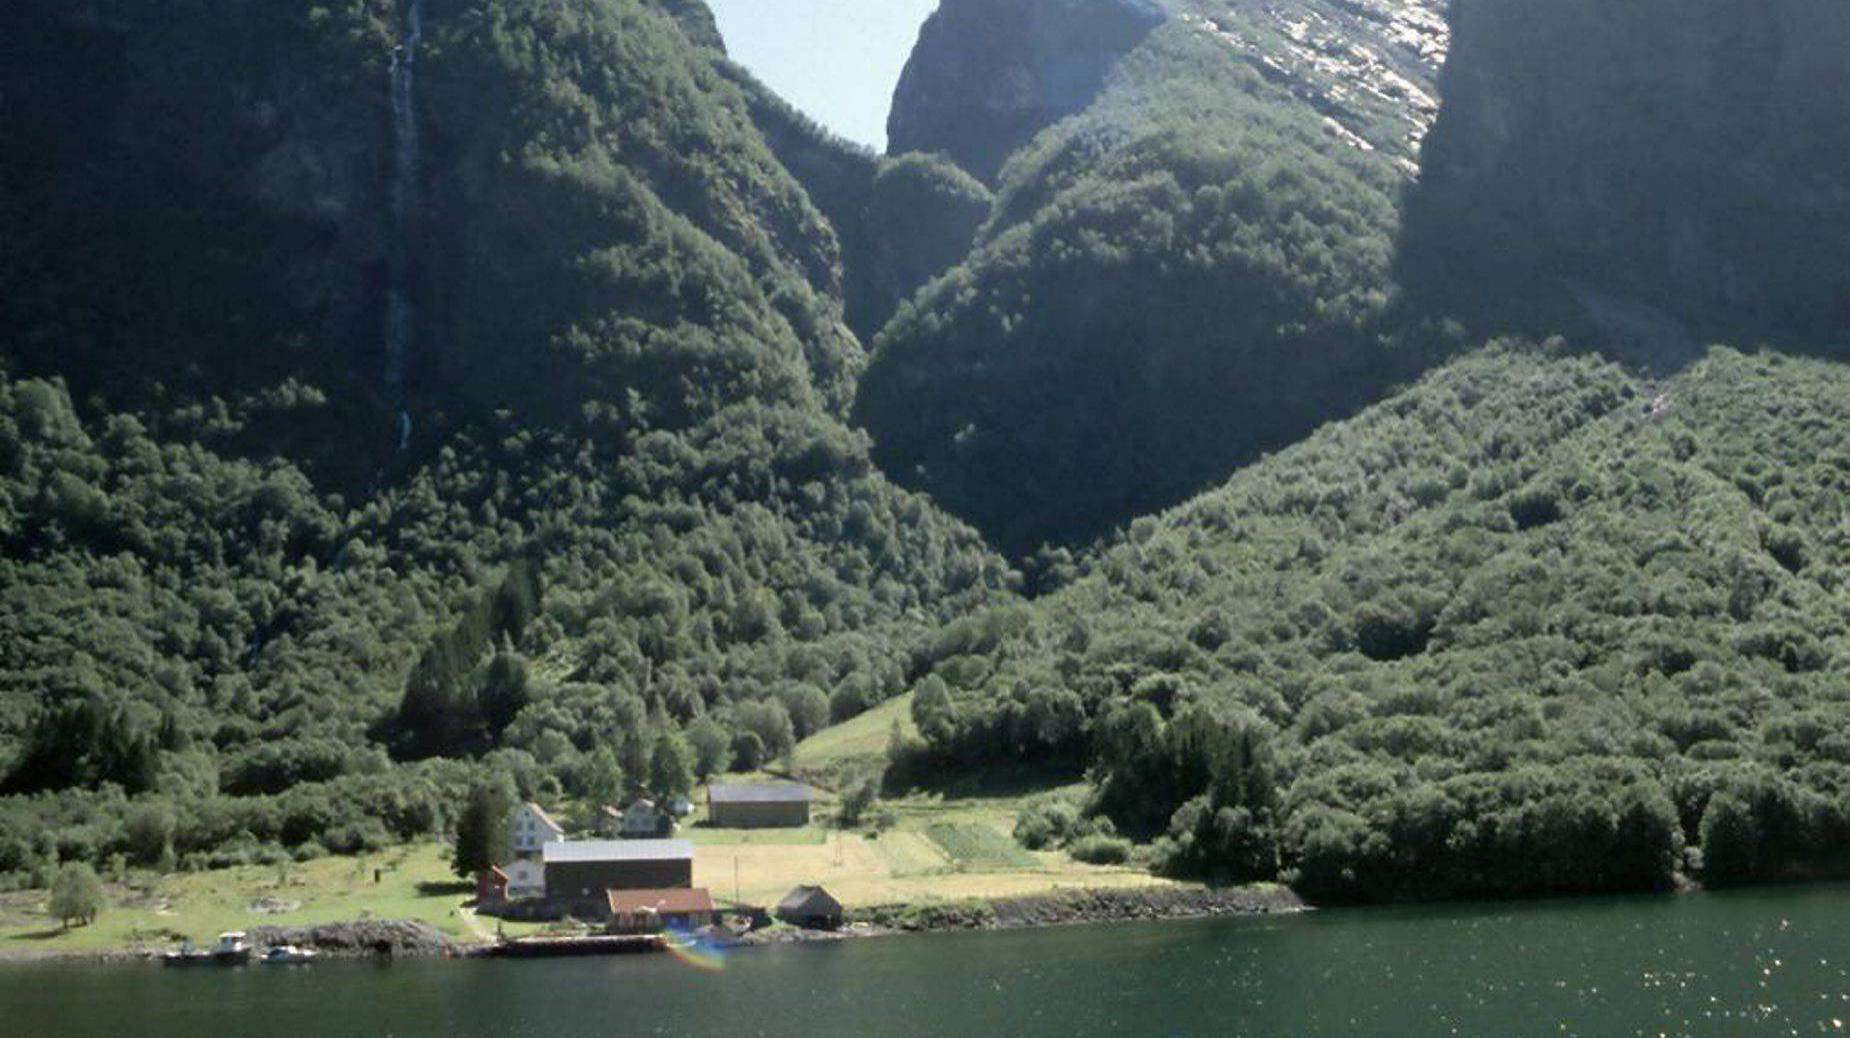 Szenen wie diese erleben die Teilnehmer der Norwegen-Studienreise, veranstaltet von der St.-Georg-Stiftung.